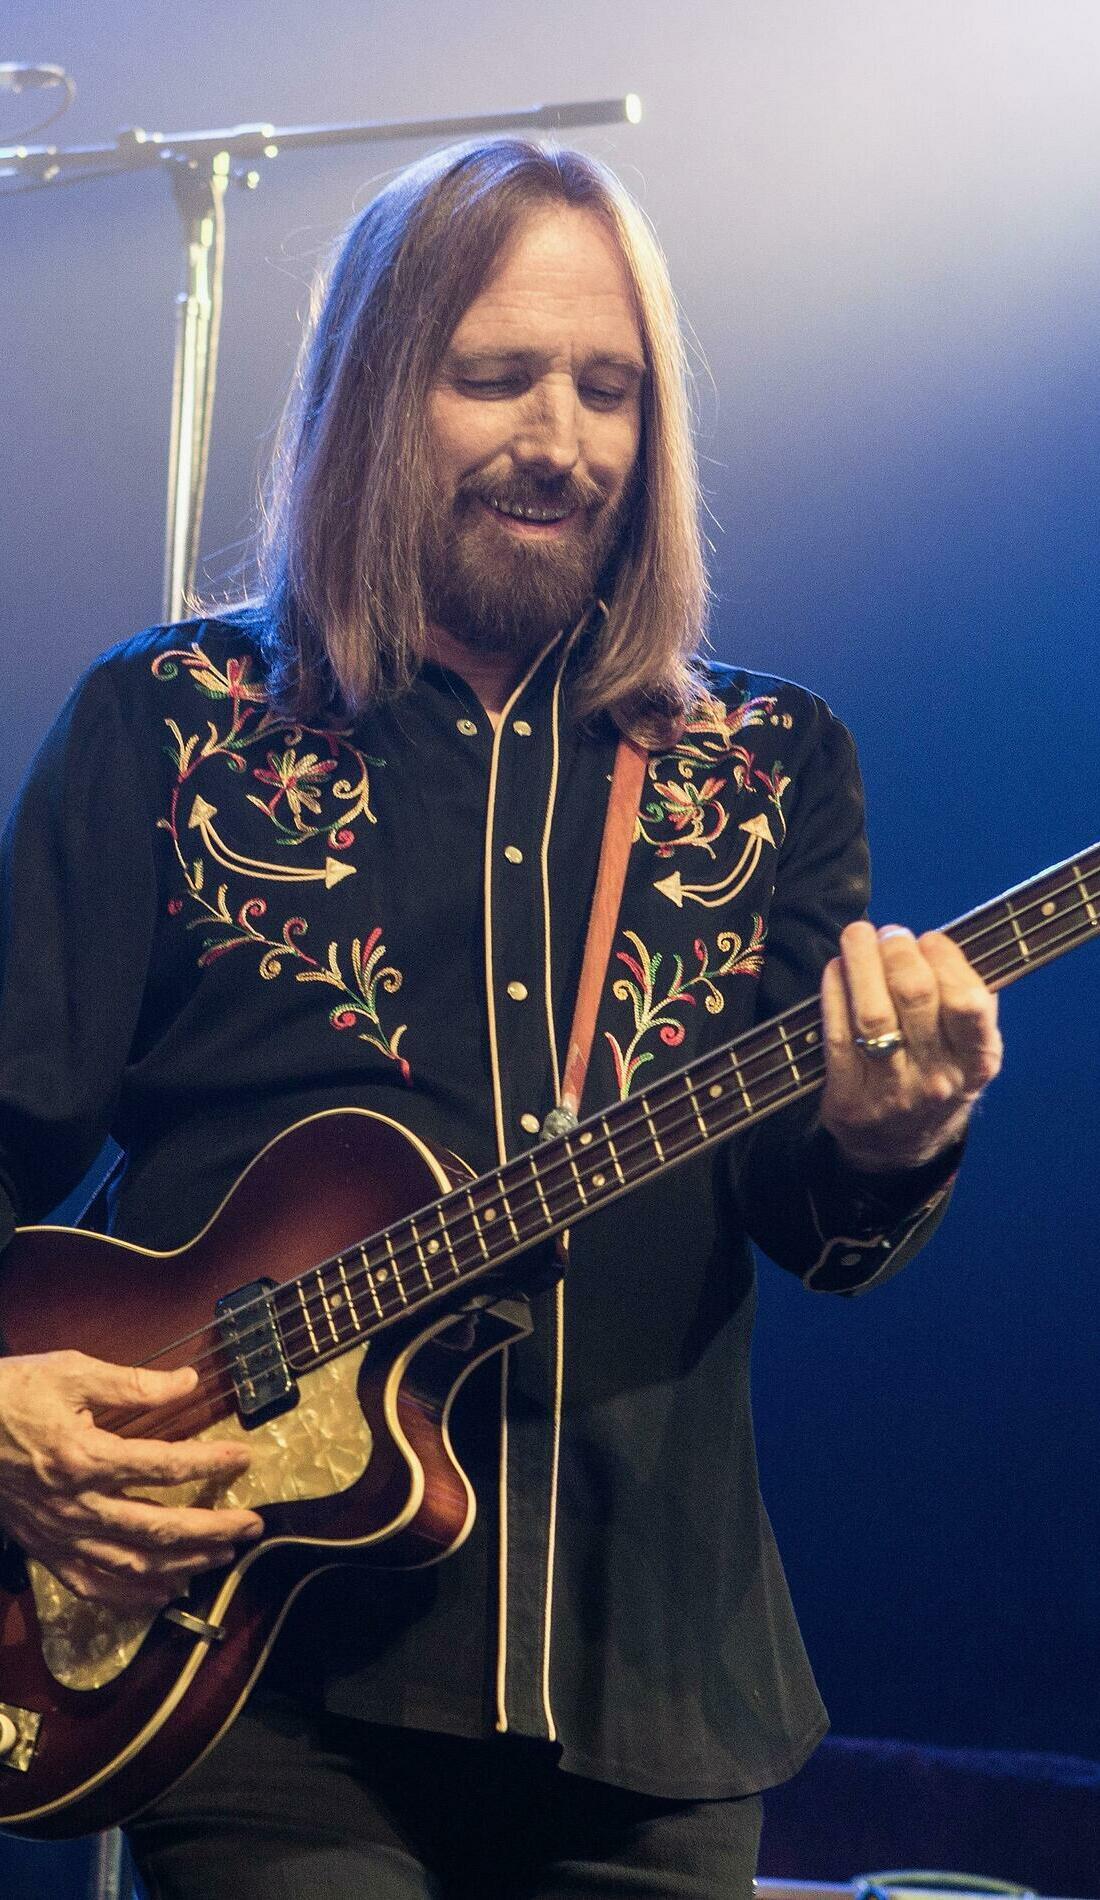 A Tom Petty live event